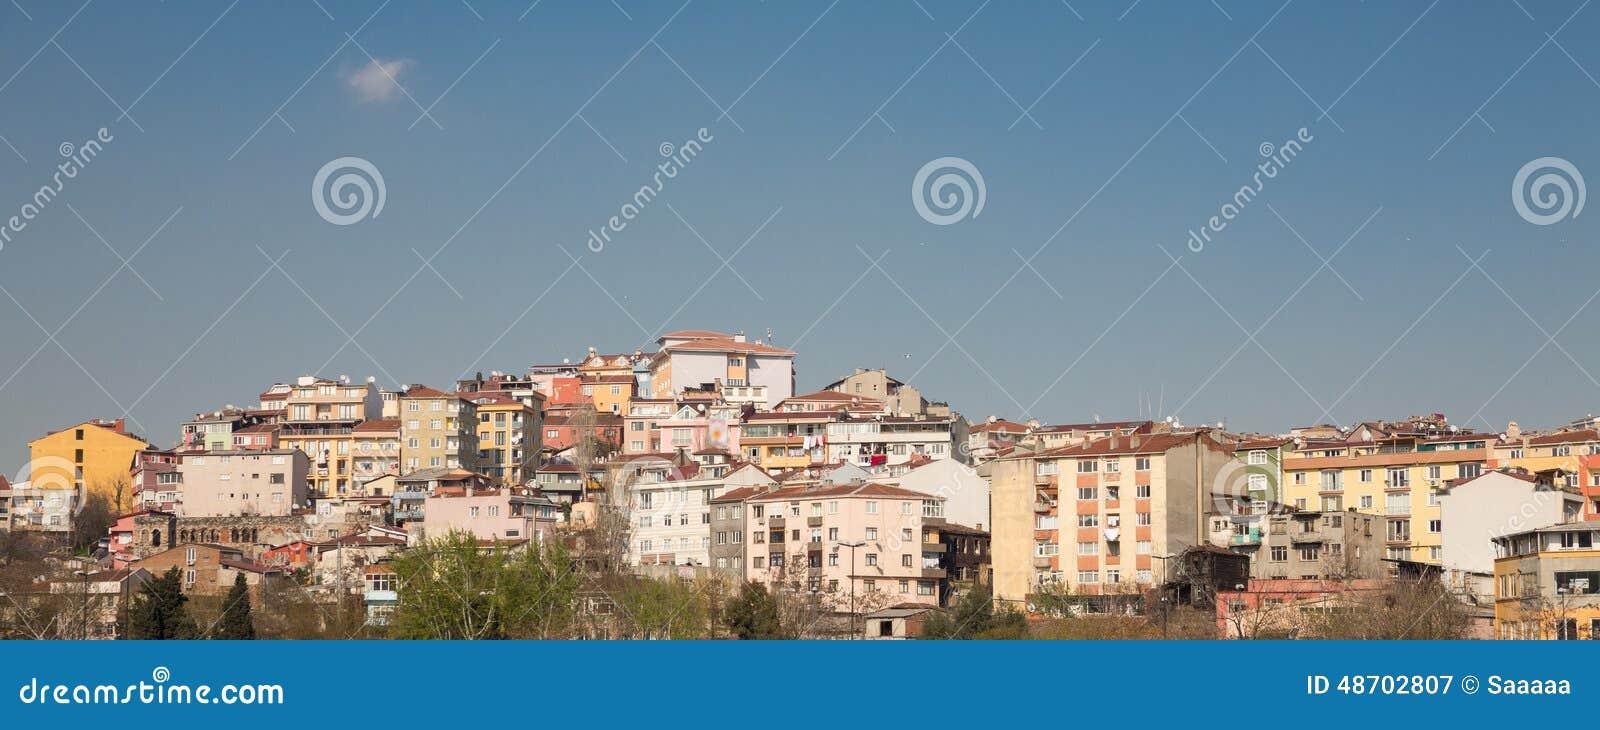 Kleurrijke huizen op een helling in istanboel turkije stock foto afbeelding 48702807 - Moderne huis op een helling ...